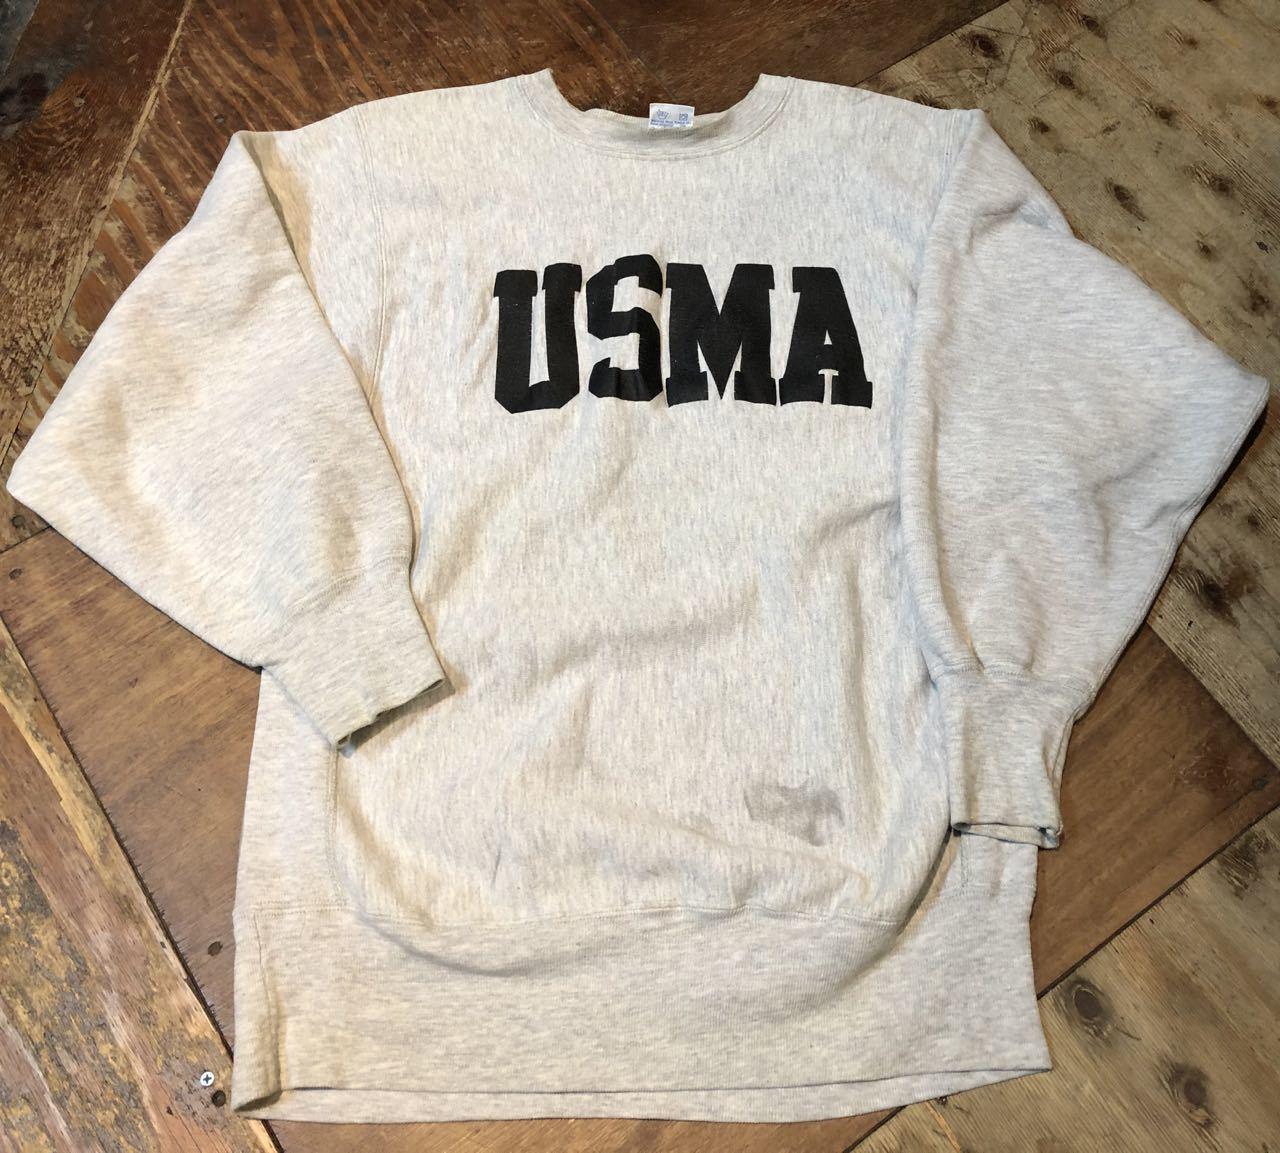 12月28日(土)入荷!90s U.S.M.A チャンピオン champion reverseweave スエットシャツ!_c0144020_19231498.jpg